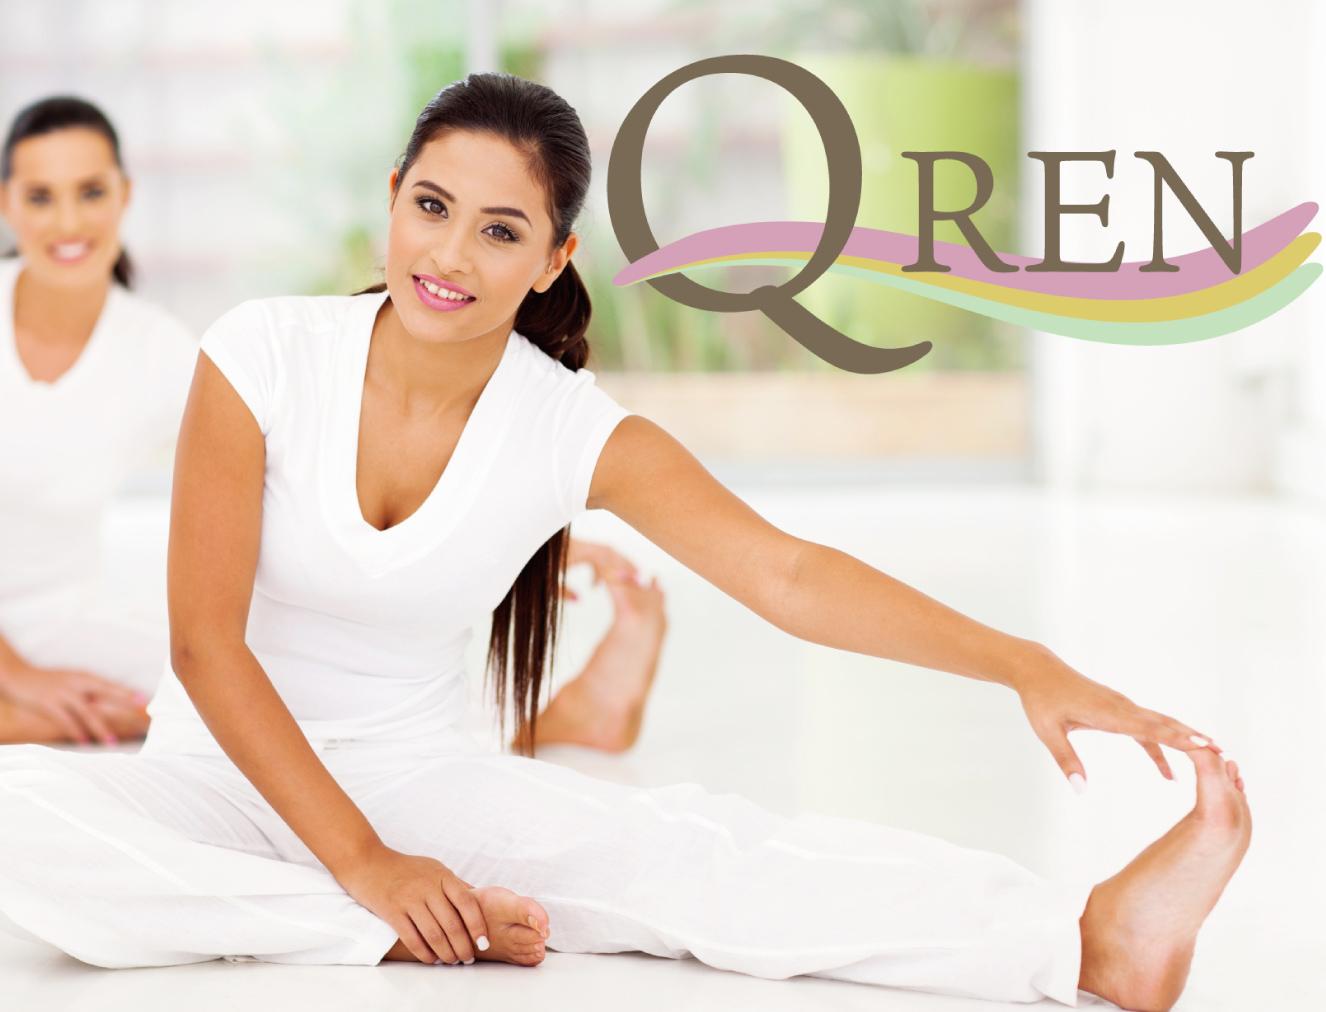 ニュートラルな身体へボディメンテナンス骨盤体操〜Q-Ren